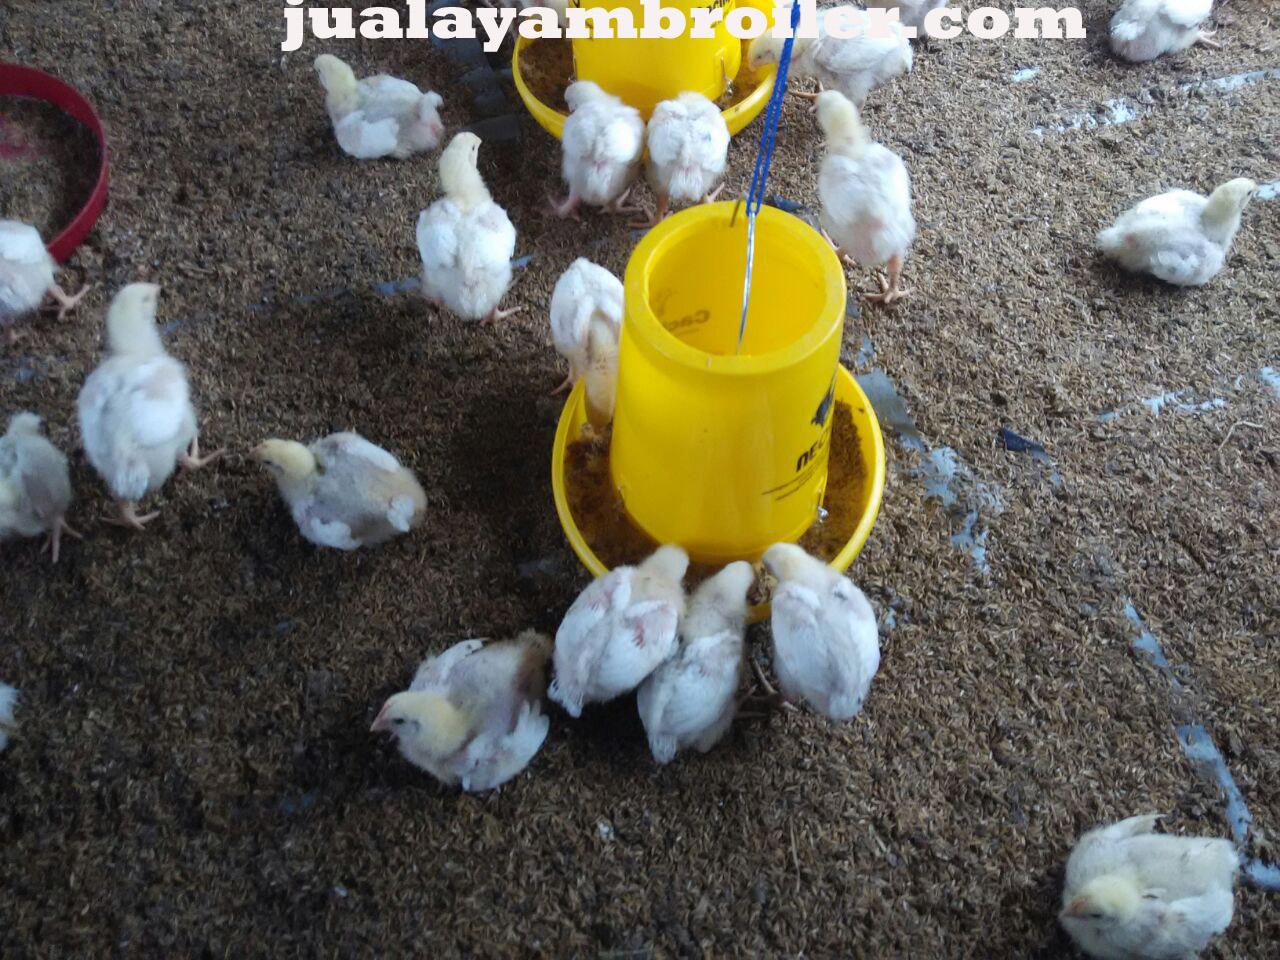 Jual Ayam Broiler Pancoran Jakarta Selatan